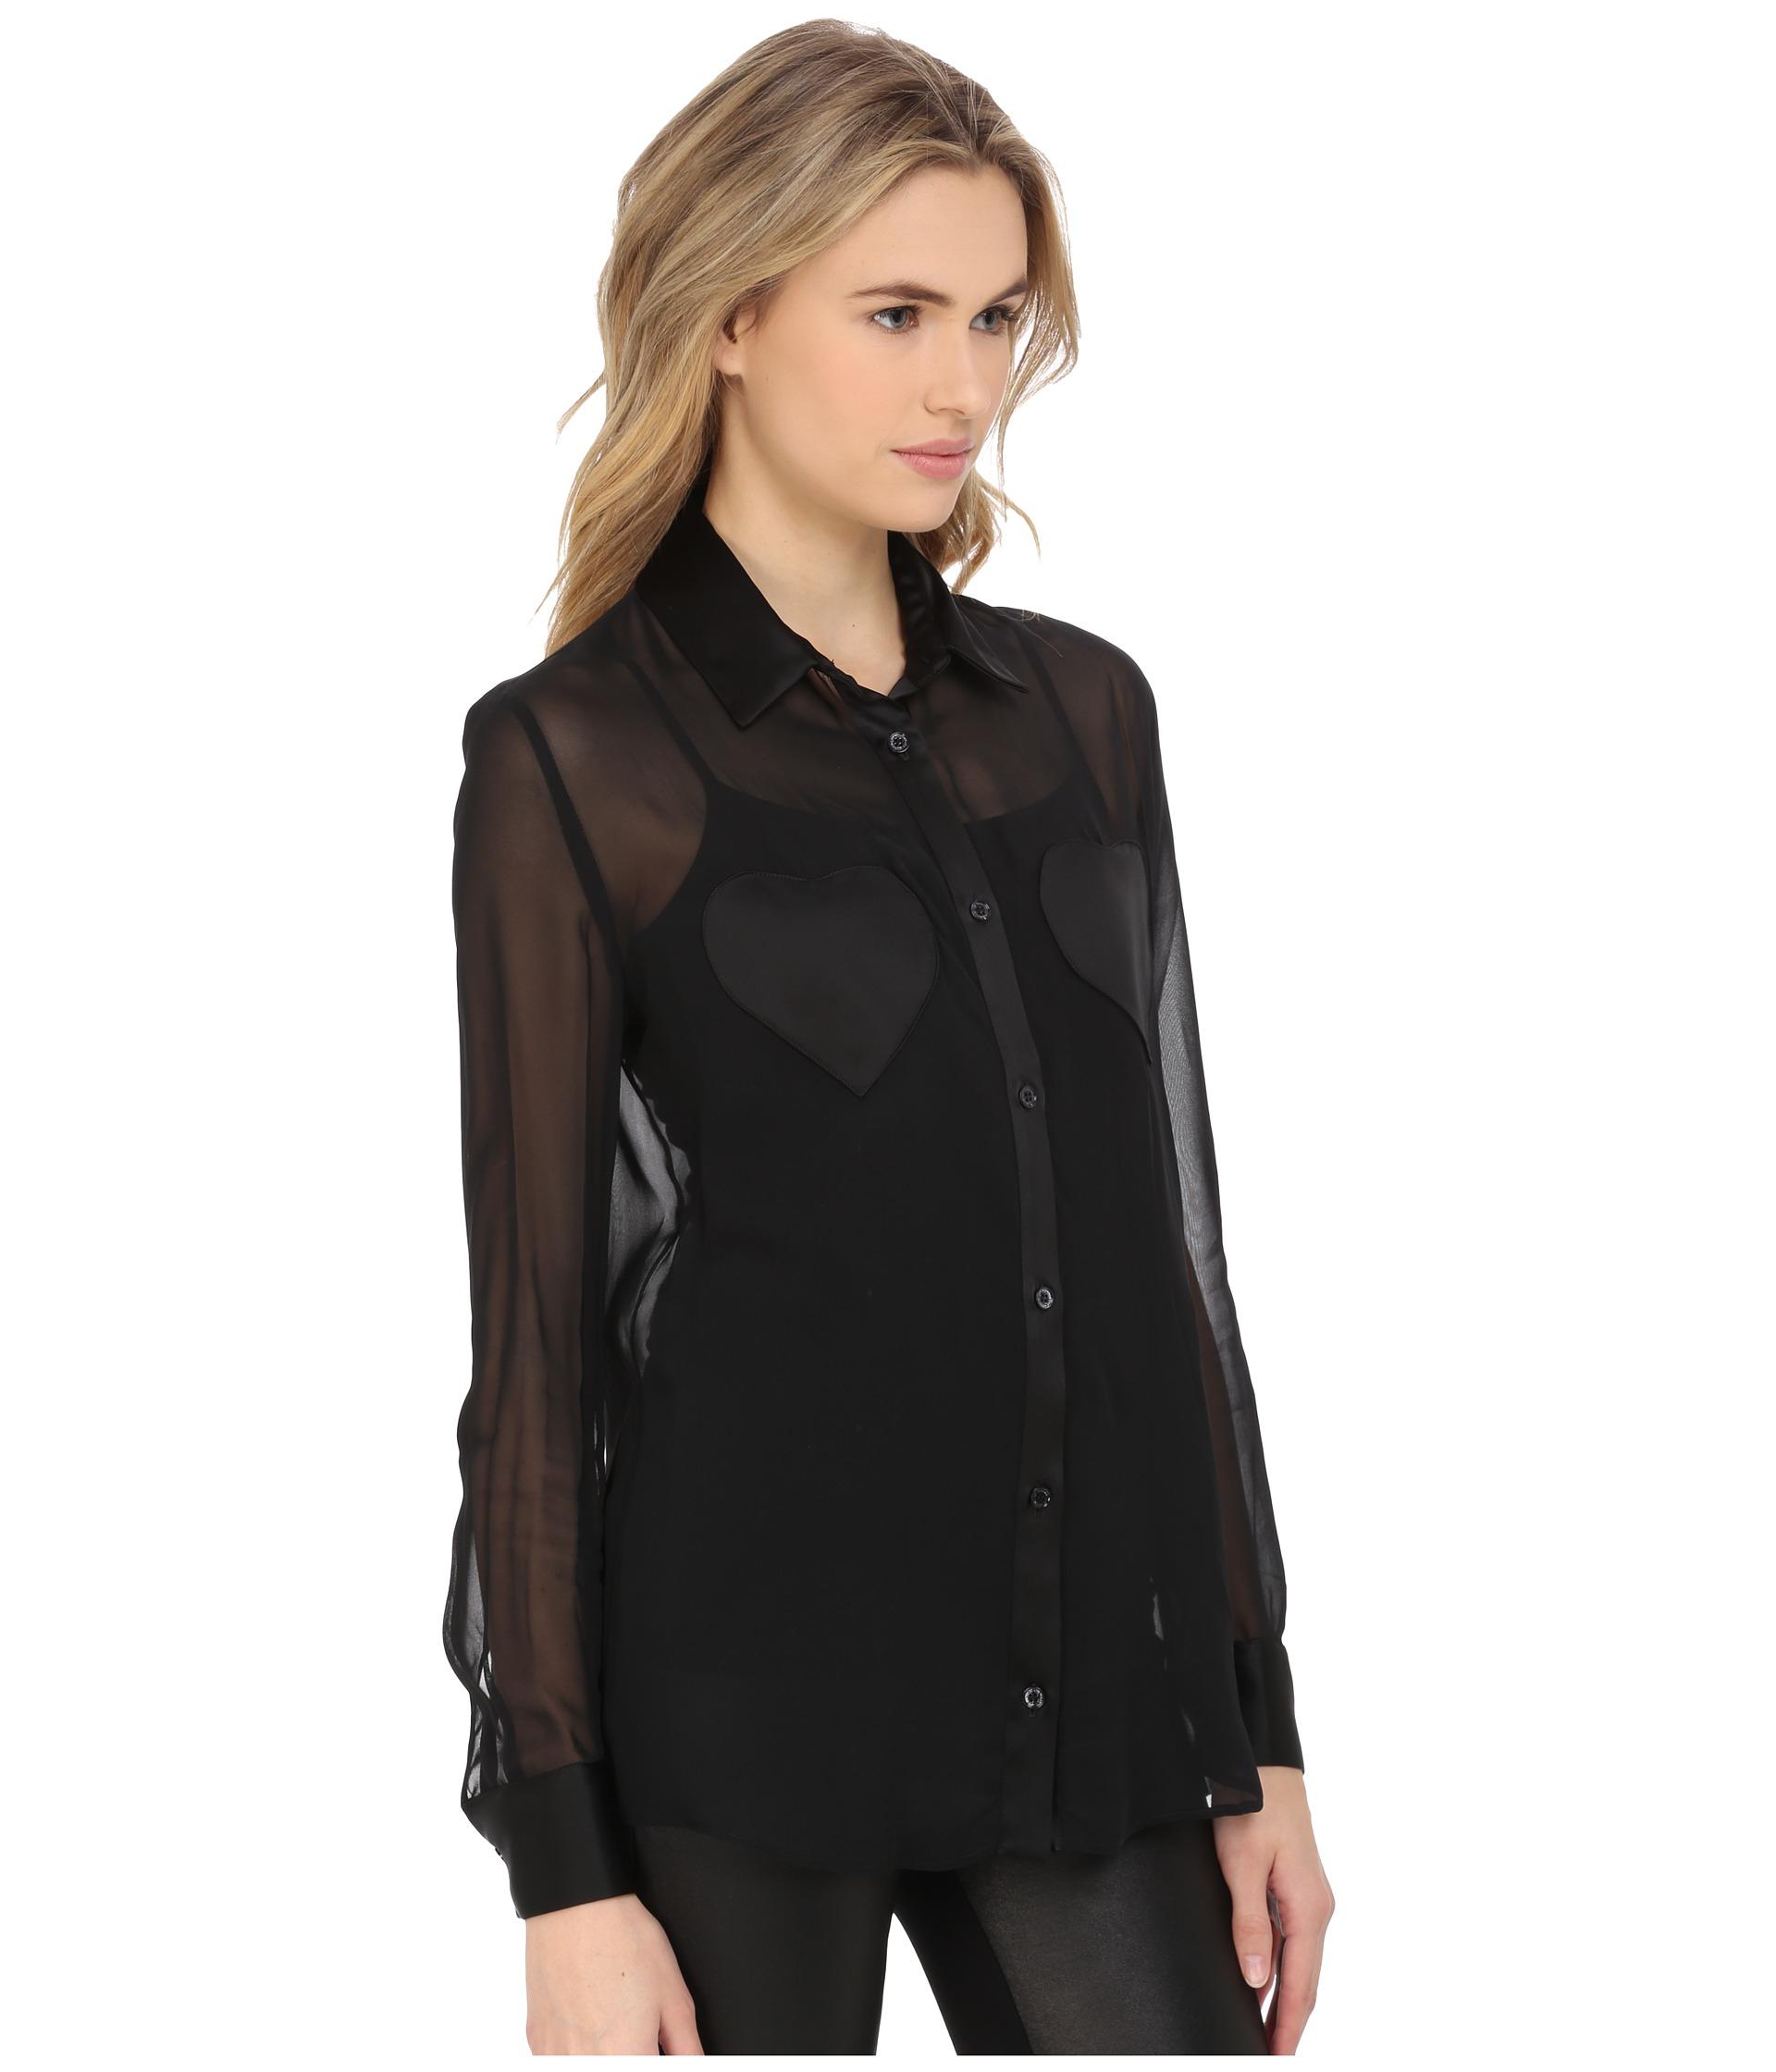 Lyst - Helmut Sheer Jersey Sleeve Buttondown Blouse in Black